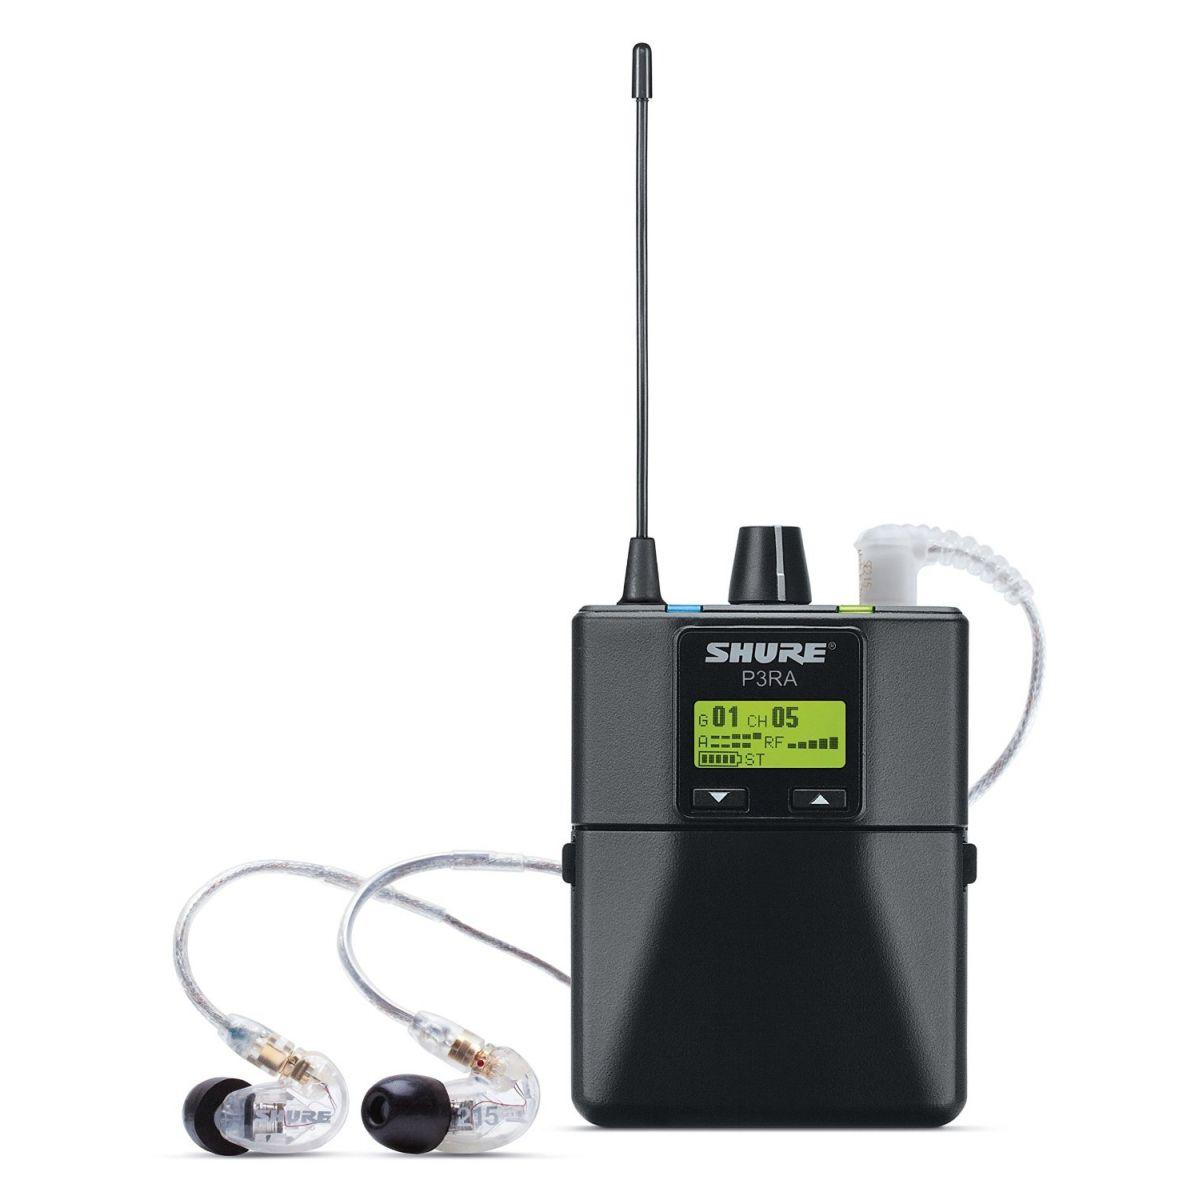 Shure P3TRA215CL PSM300 Sistema Monitoramento Sem Fio Pessoal